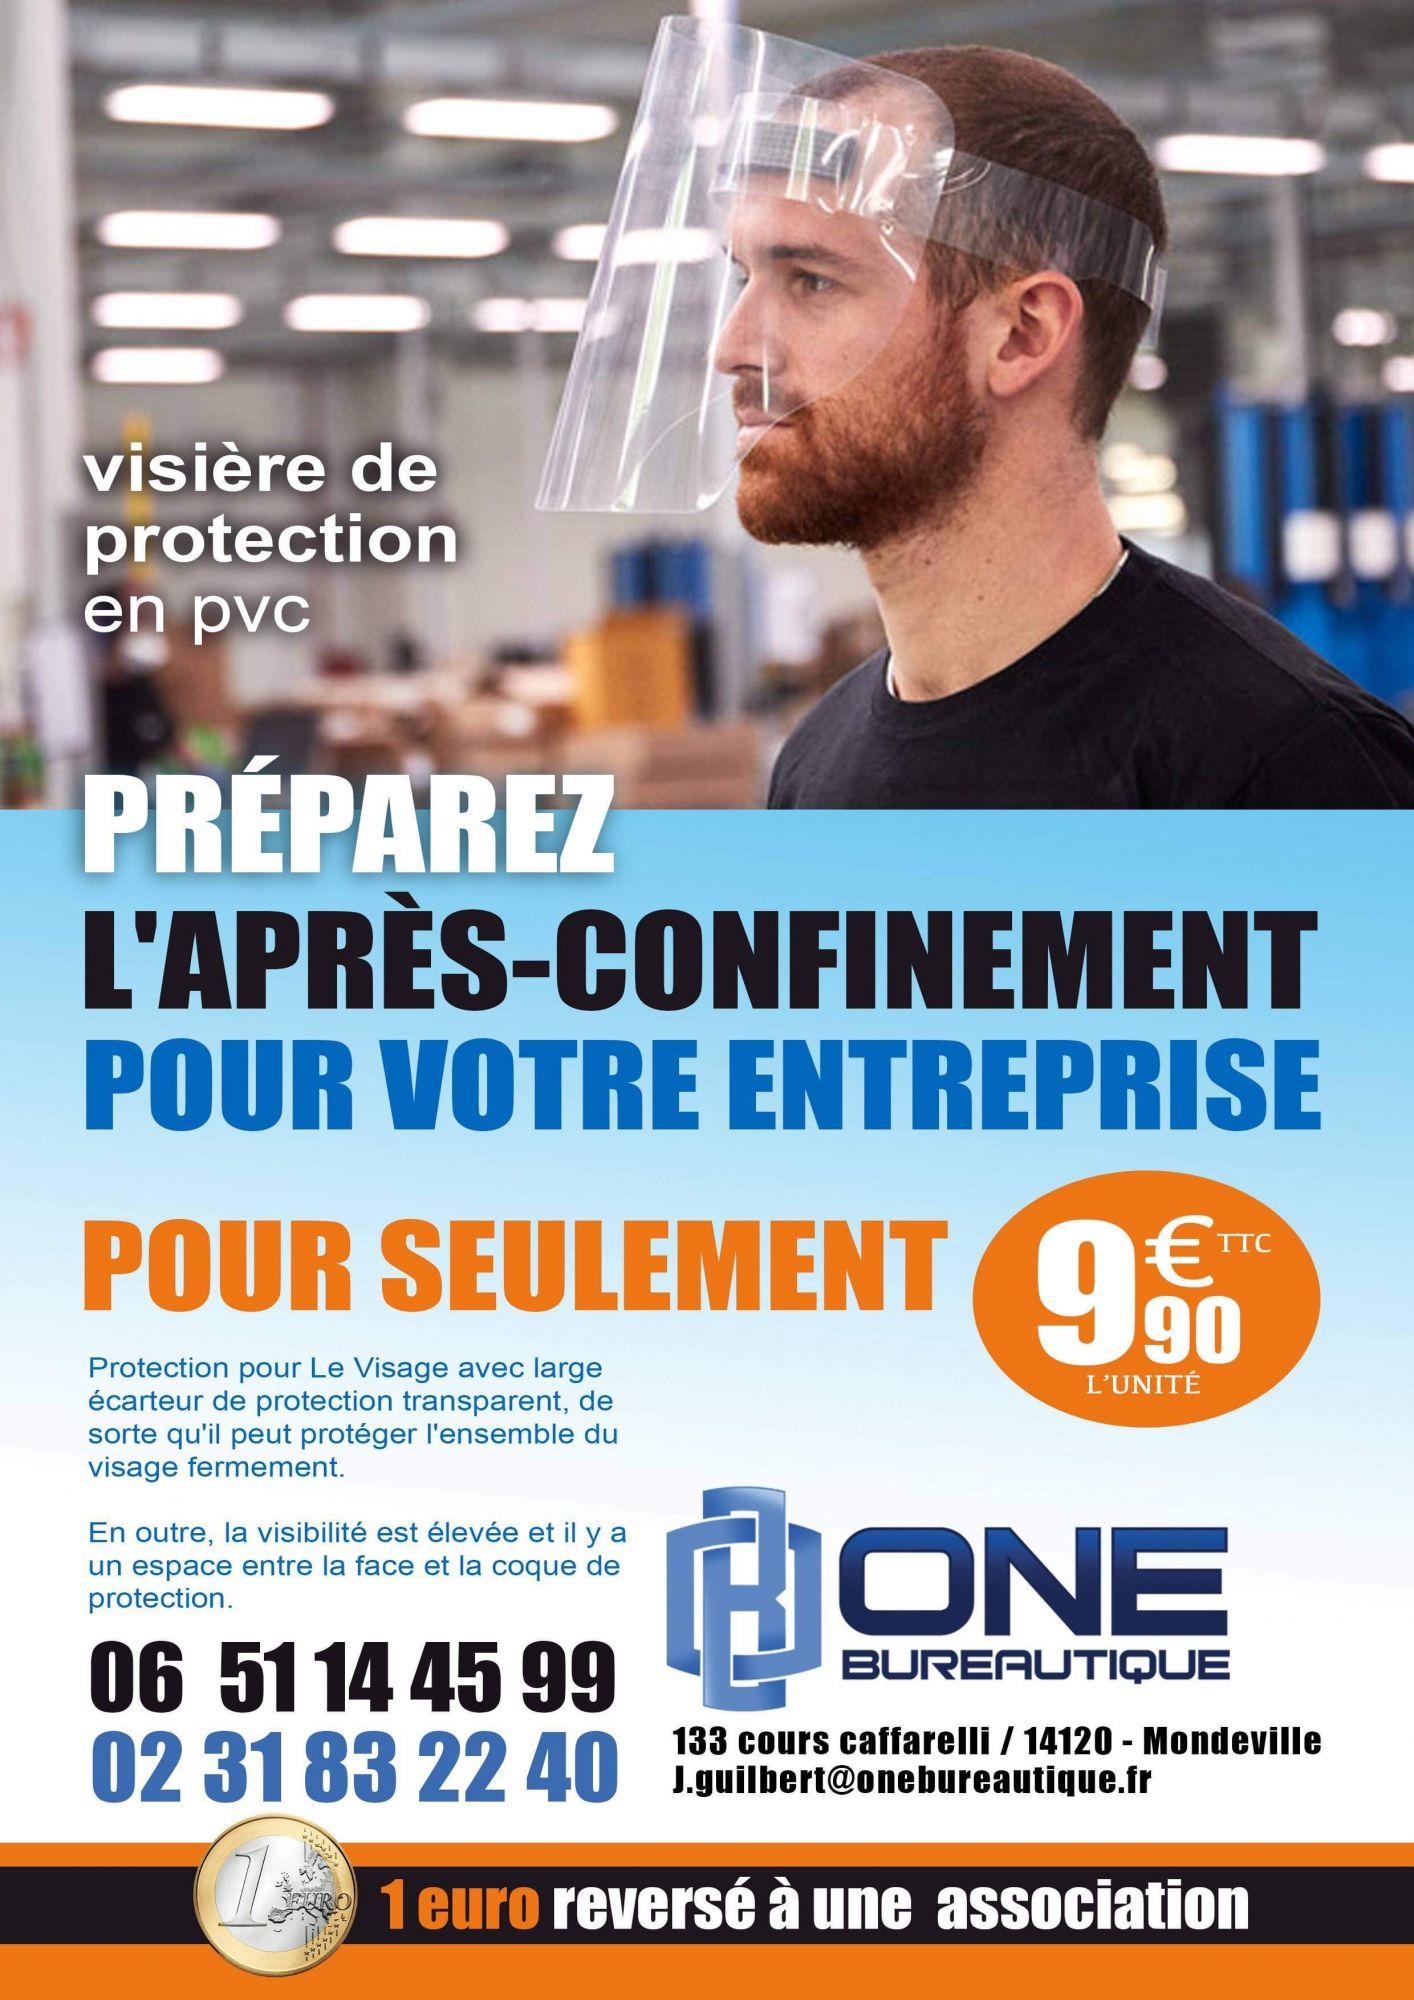 visière de protection faciale - One bureautique à CAEN 14